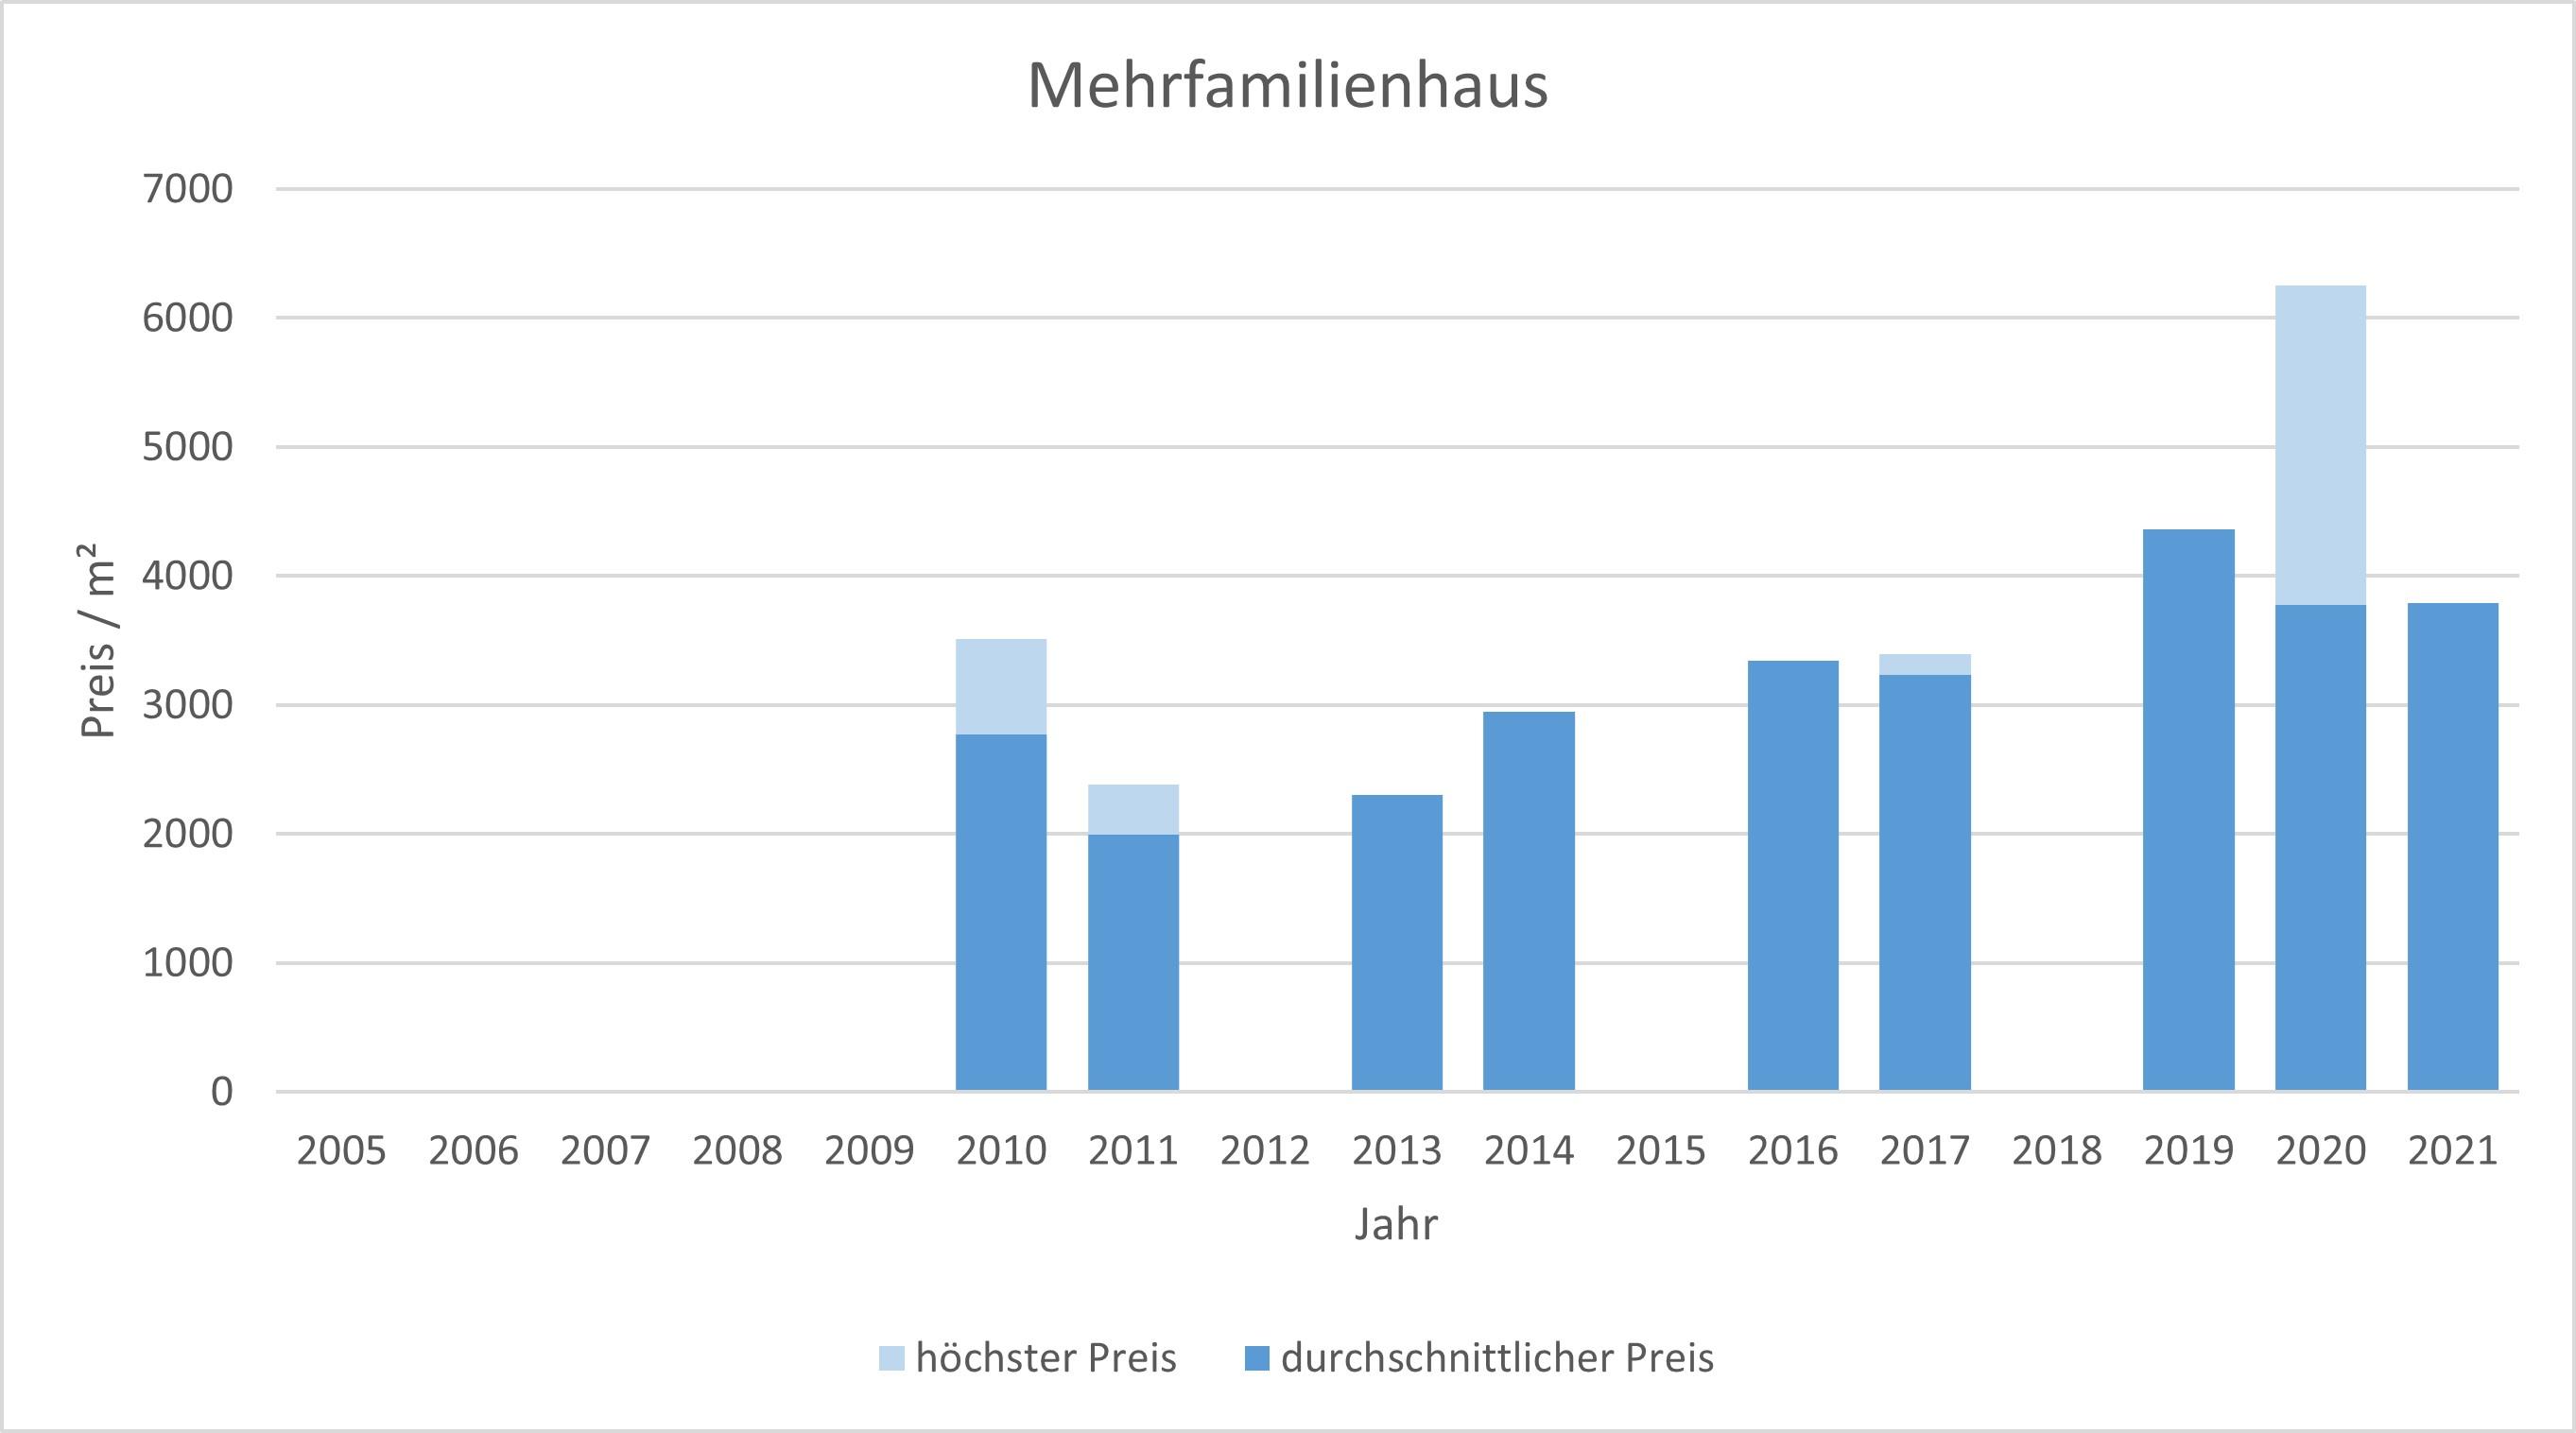 Steinhöring mehrfamilienhaus kaufen verkaufen Preis Bewertung Makler 2019 2020 2021 www.happy-immo.de